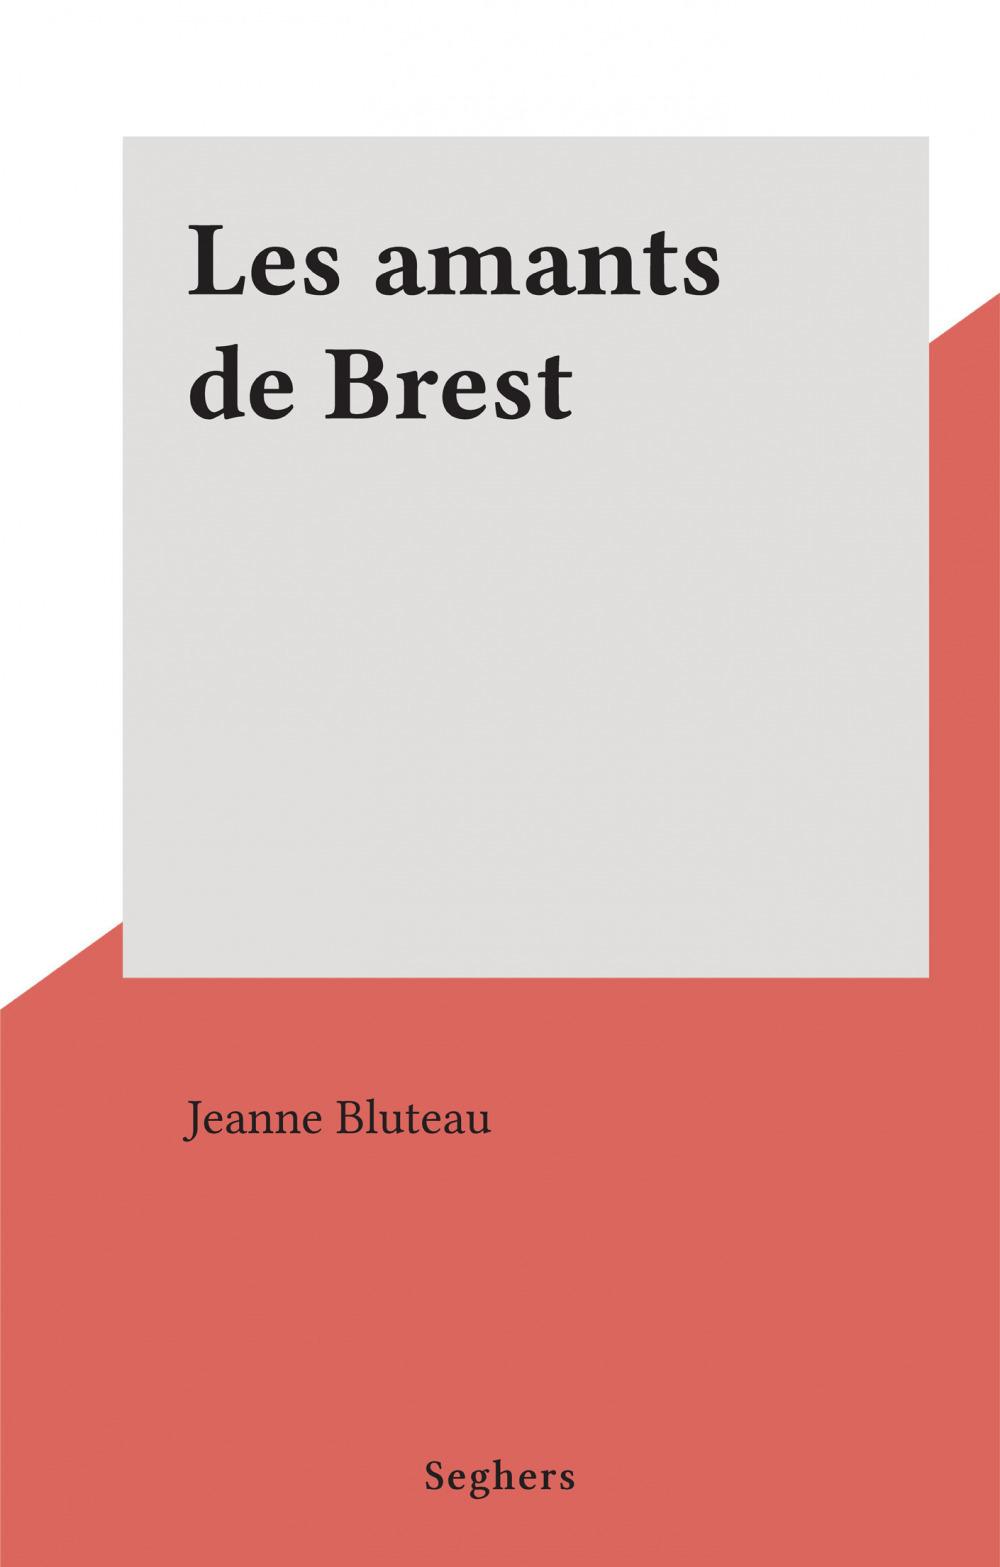 Les amants de Brest  - Jeanne Bluteau